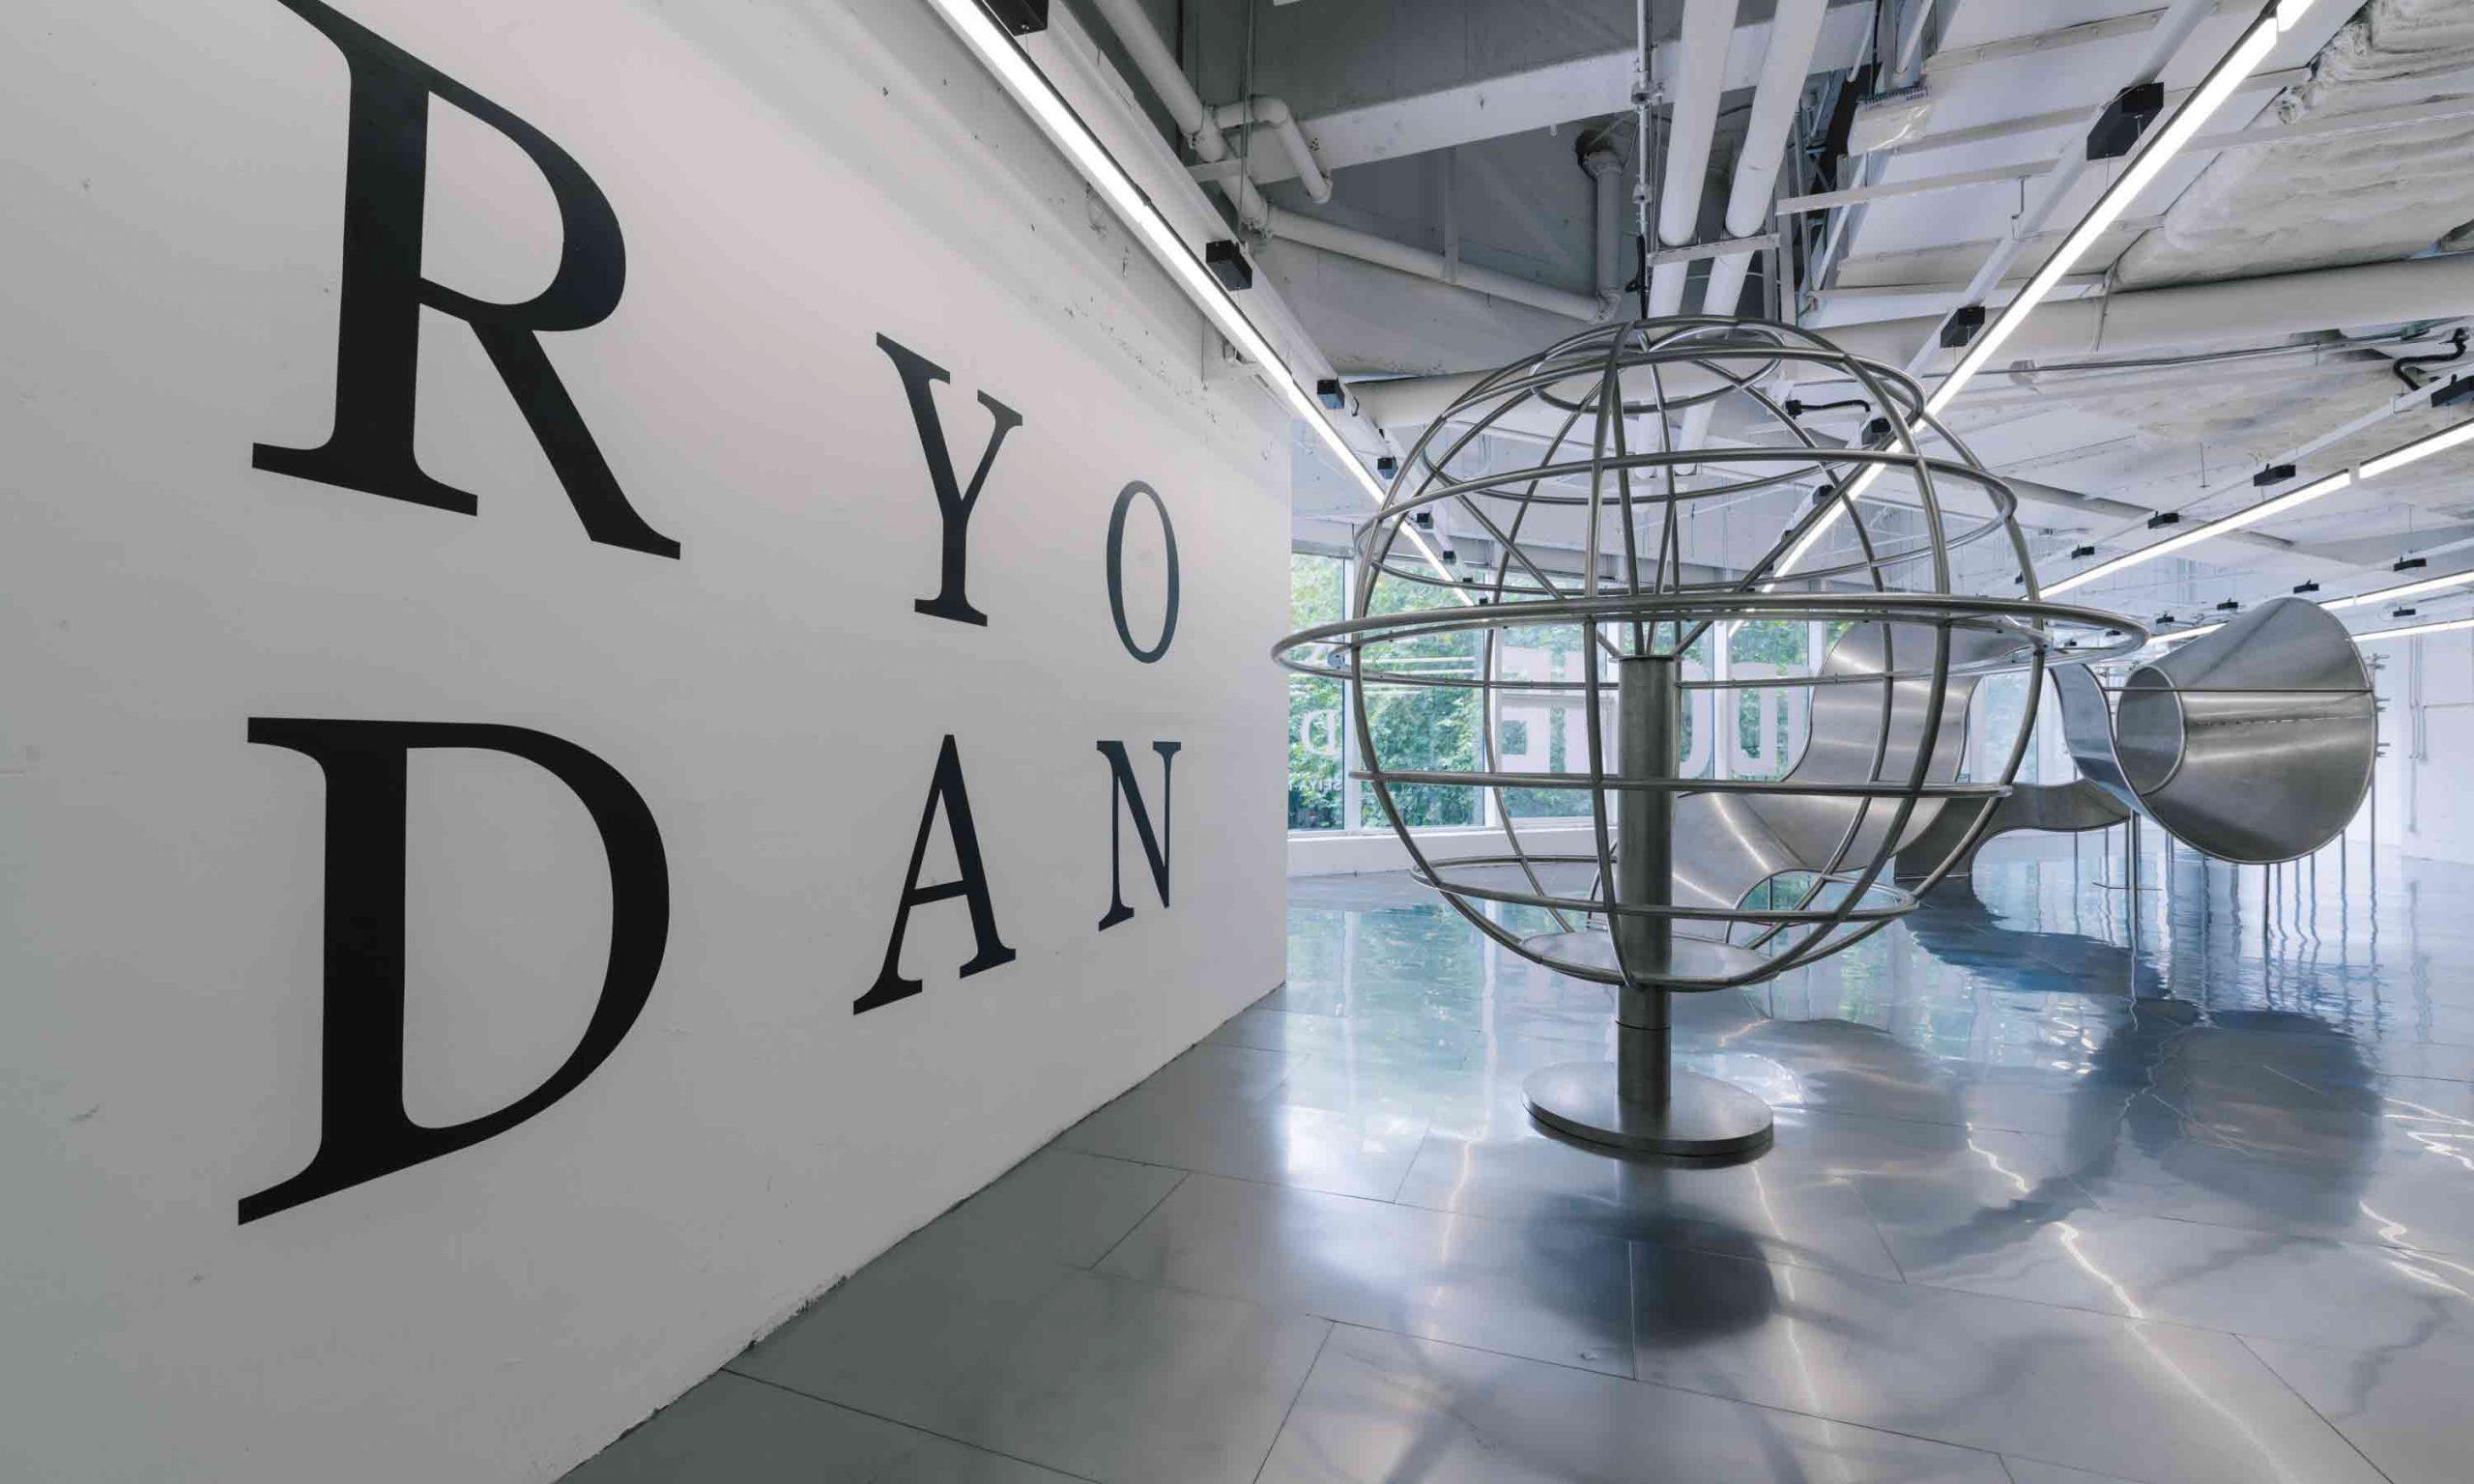 国际创意平台 RYODAN by Seiya Nakamura 2.24 携手 WE11DONE、Feng Chen Wang 于 TX 淮海呈现创意乐园